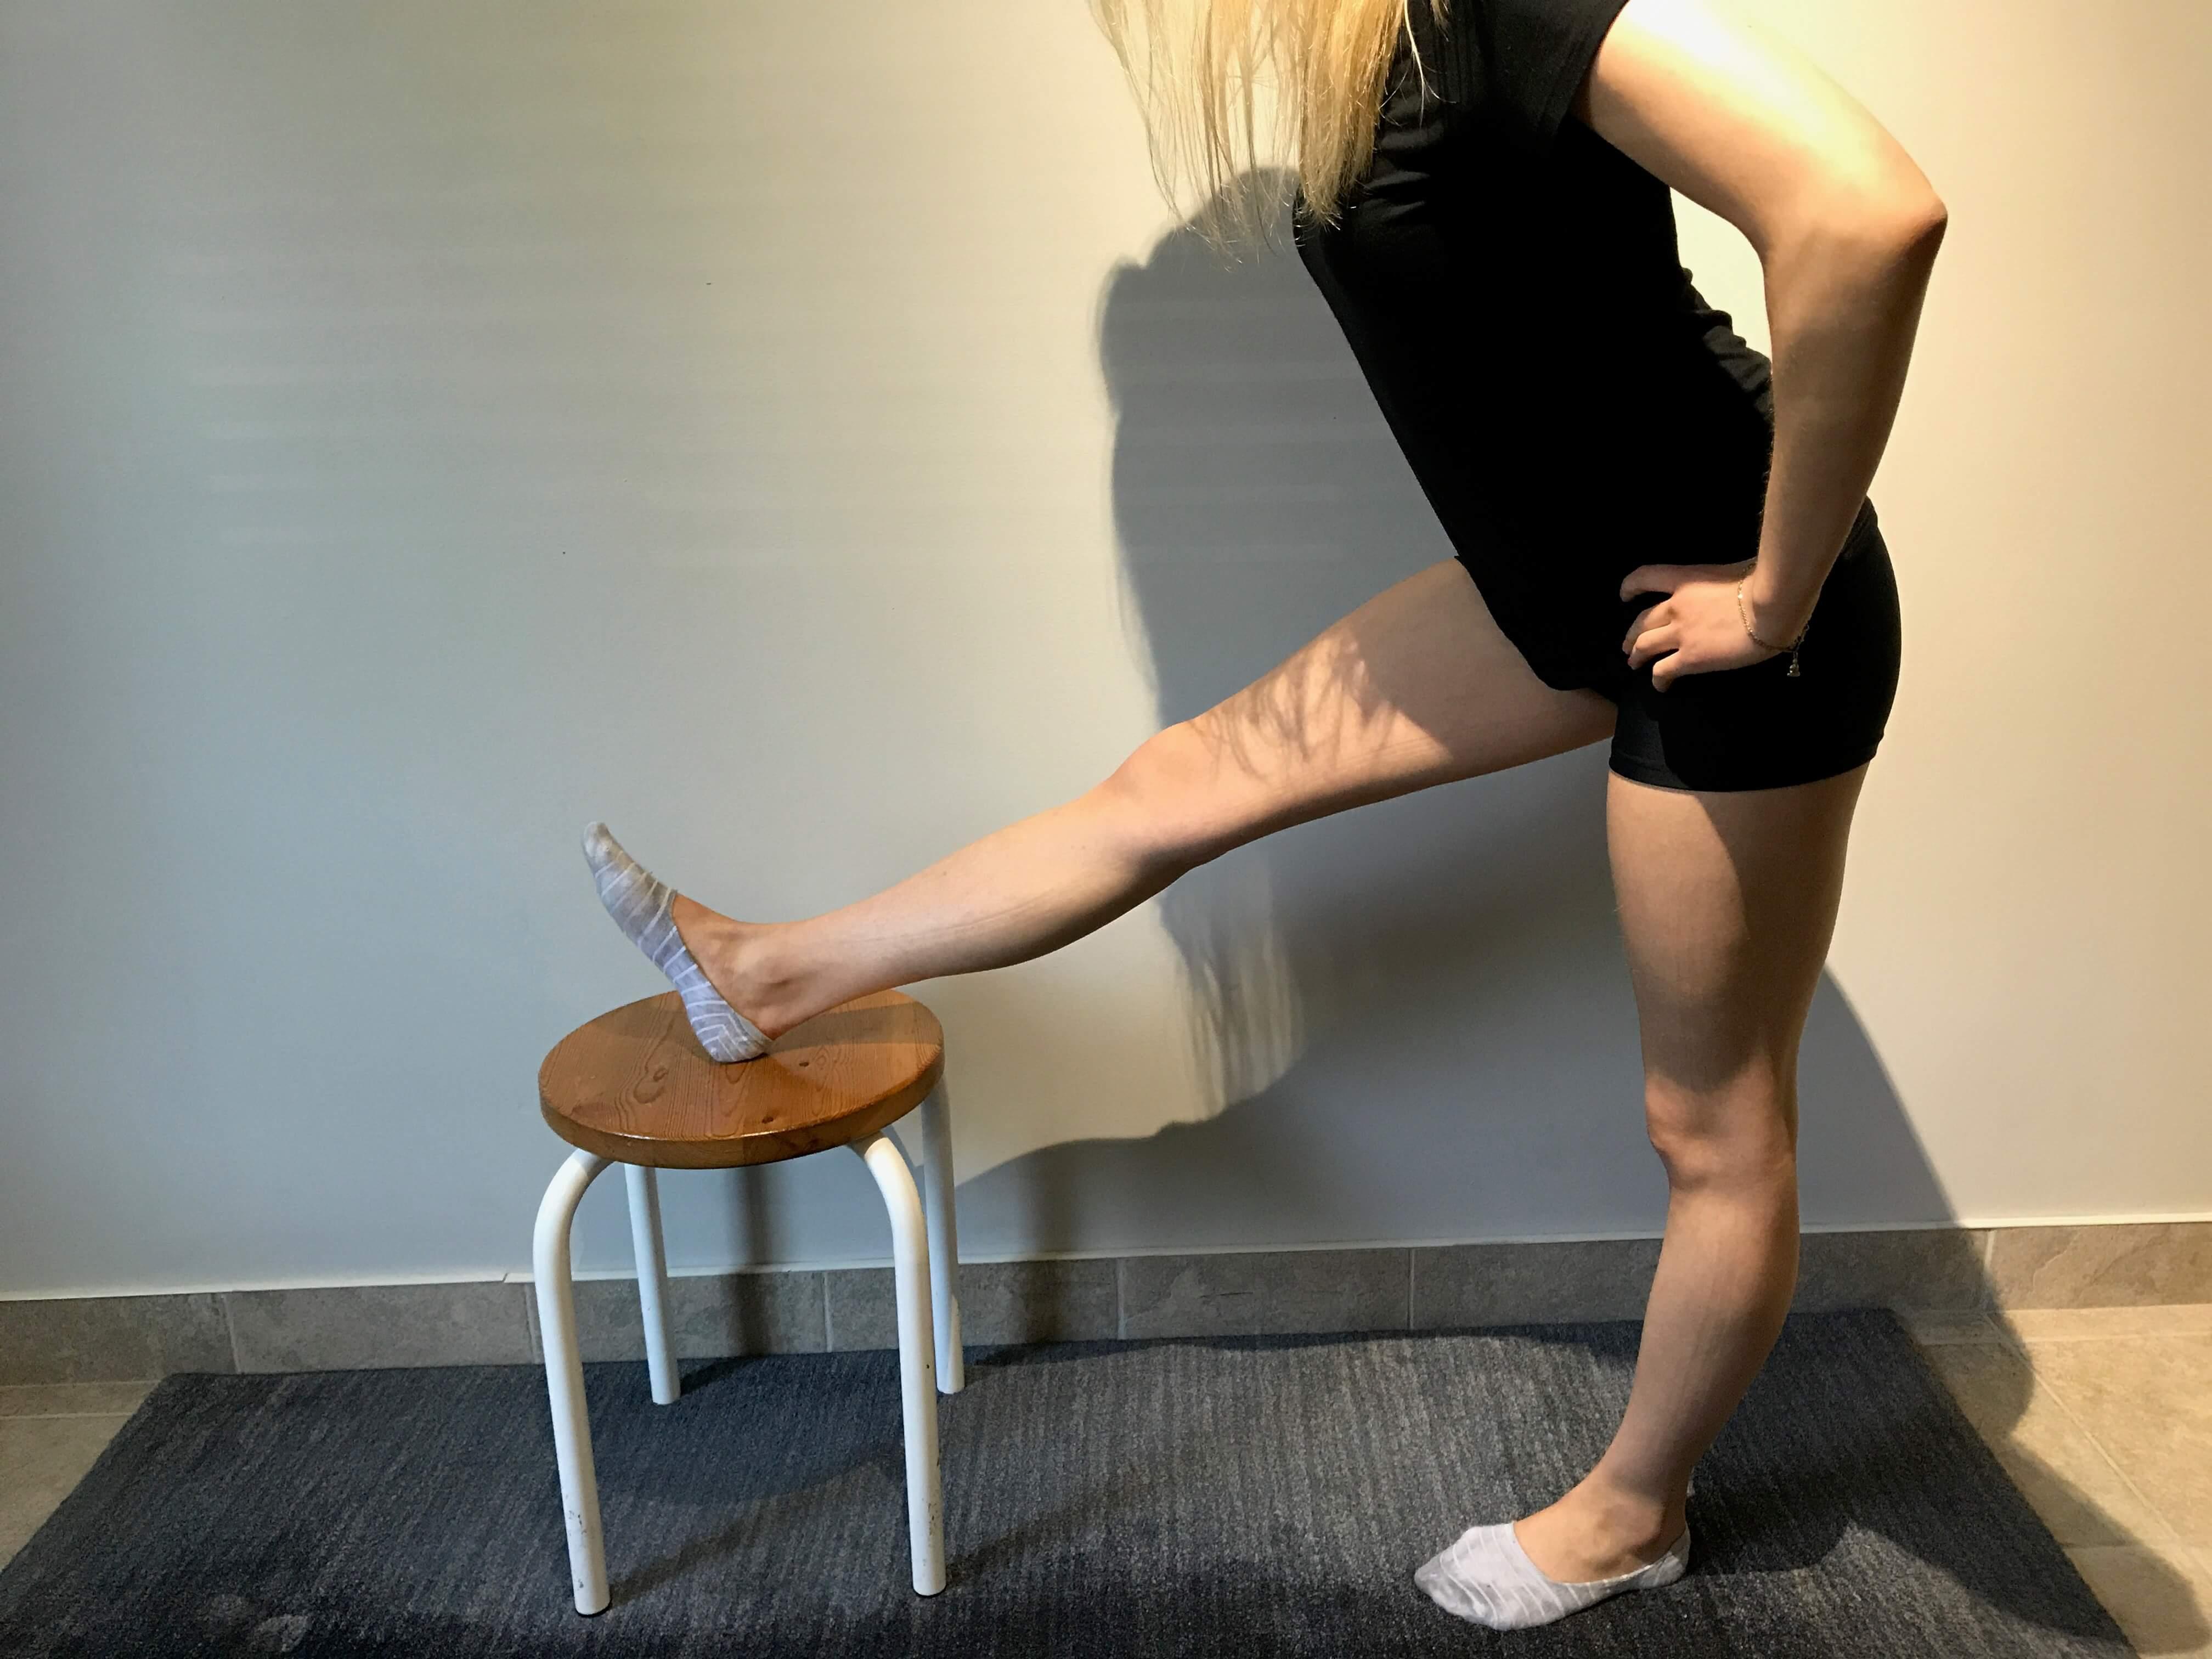 Etirement ischio-jambiers pour syndrome de la bandelette ilio-tibiale